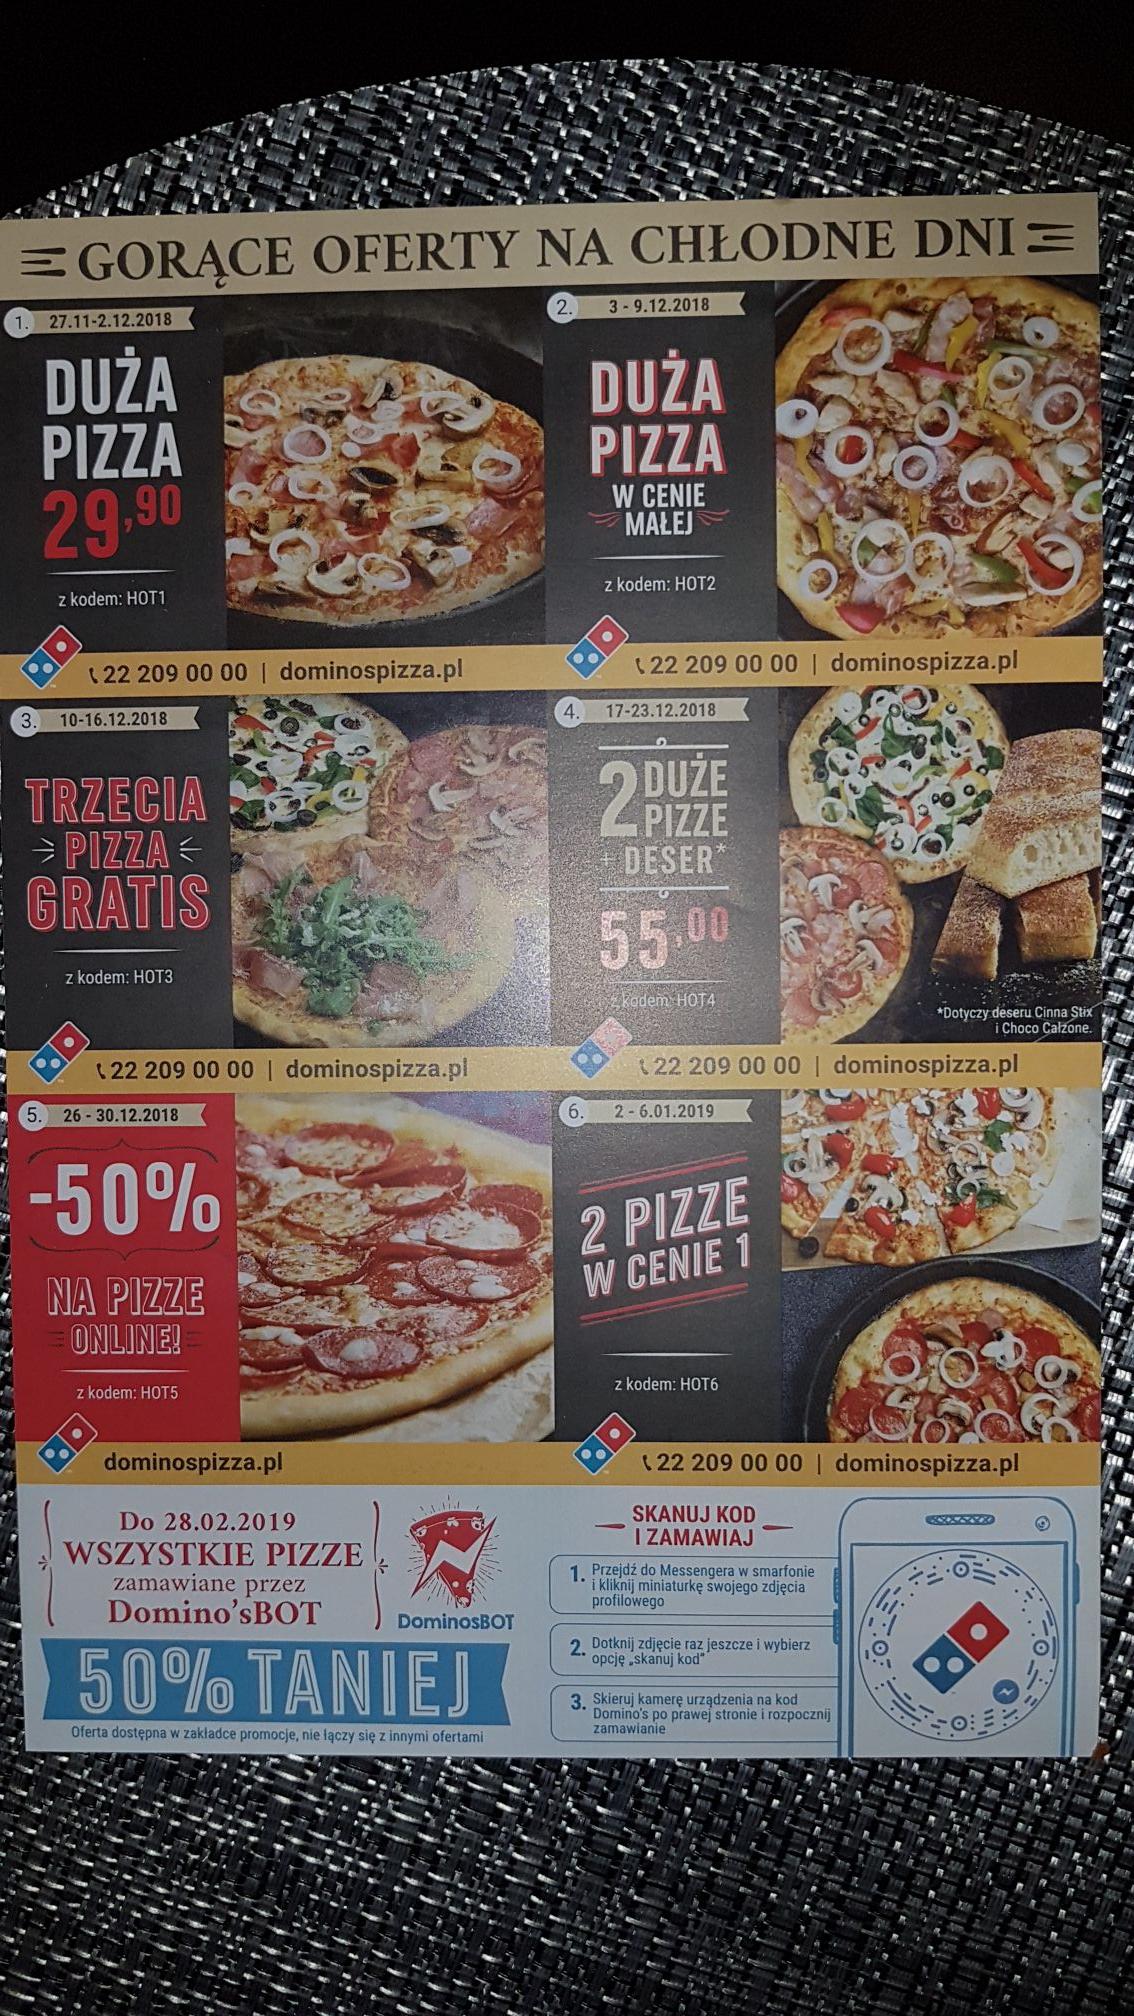 Domino's Pizza kody rabatowe do wykorzystania.